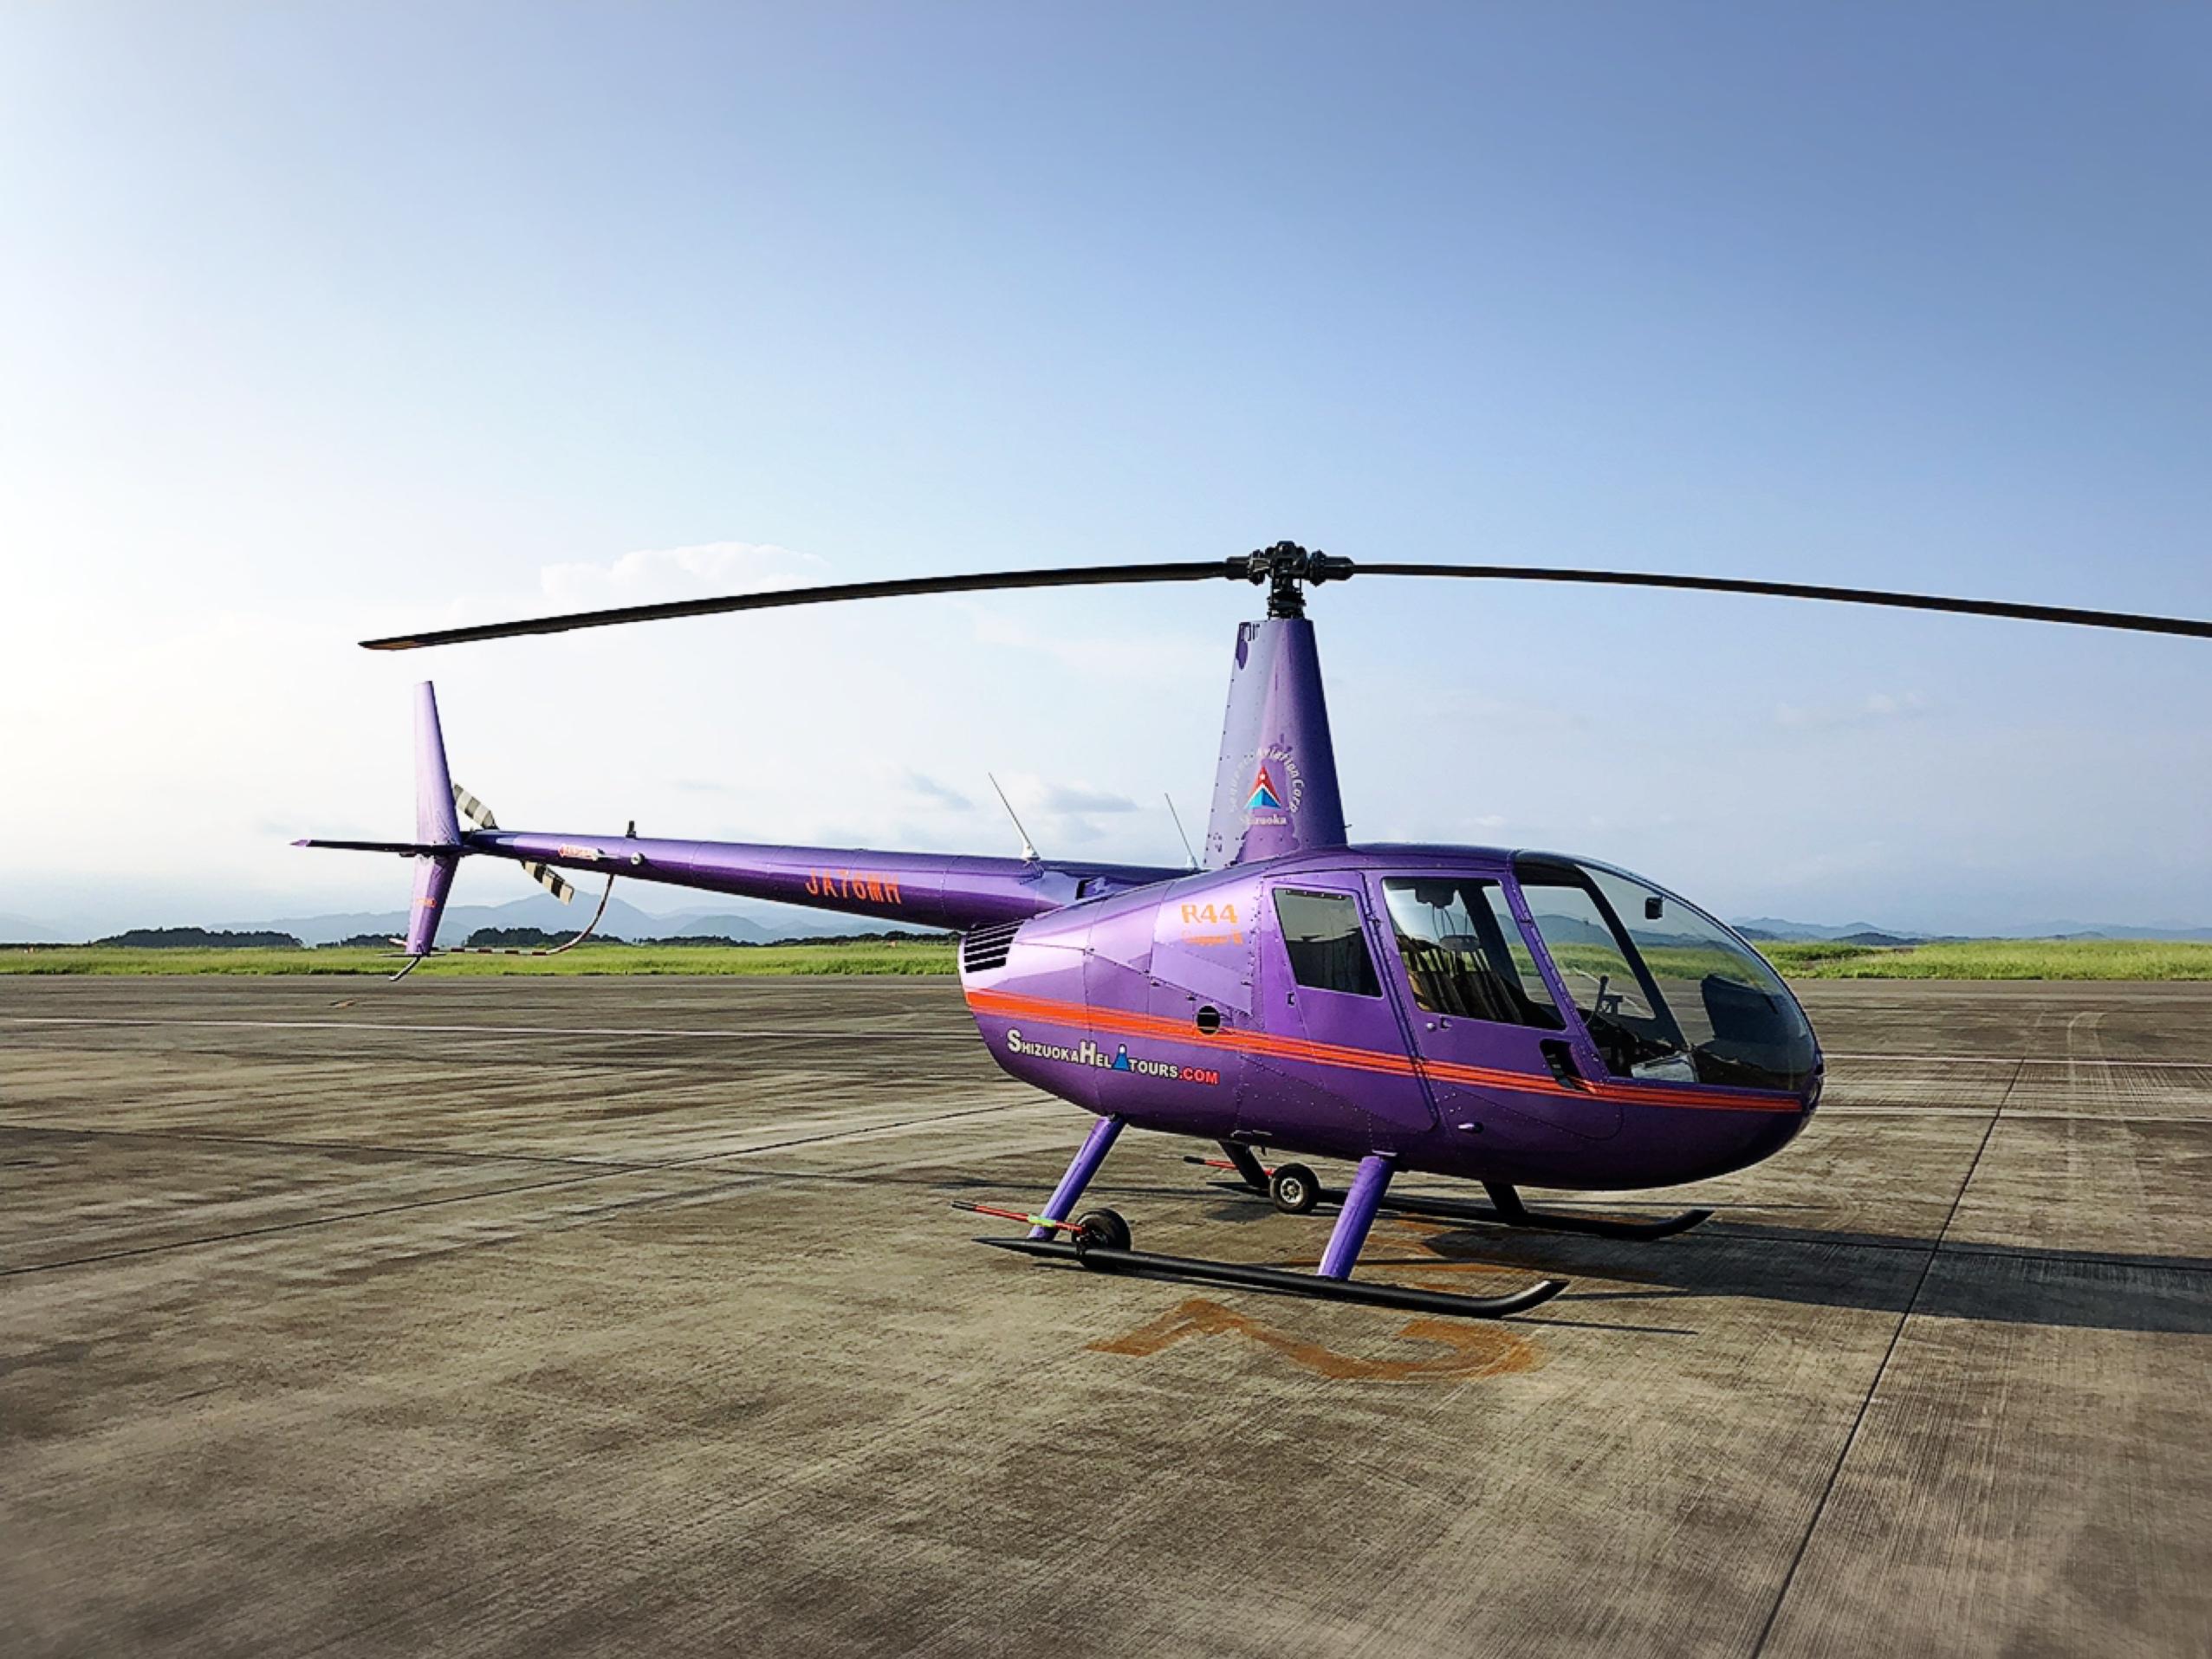 【静岡】NEW! 8月よりスタート◡̈✧。ヘリコプターでの遊覧飛行!上空散歩でTHEインスタ映え!_8